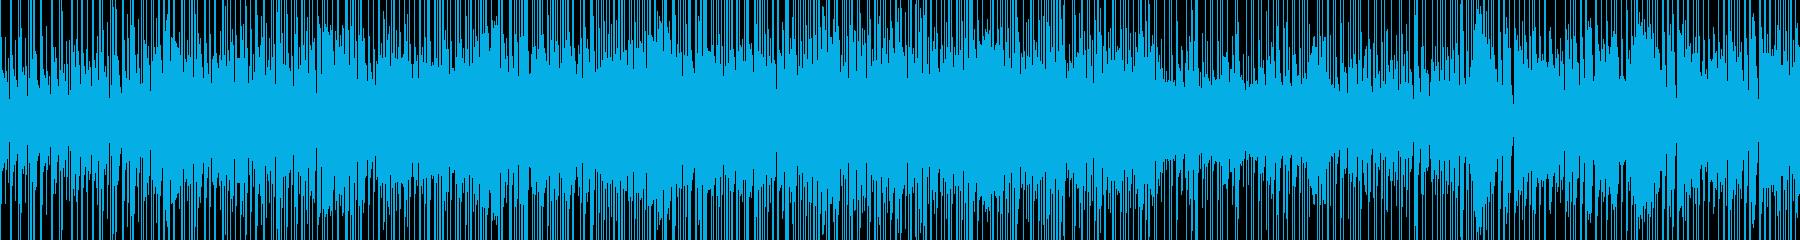 グルーブ感のあるファンクの再生済みの波形